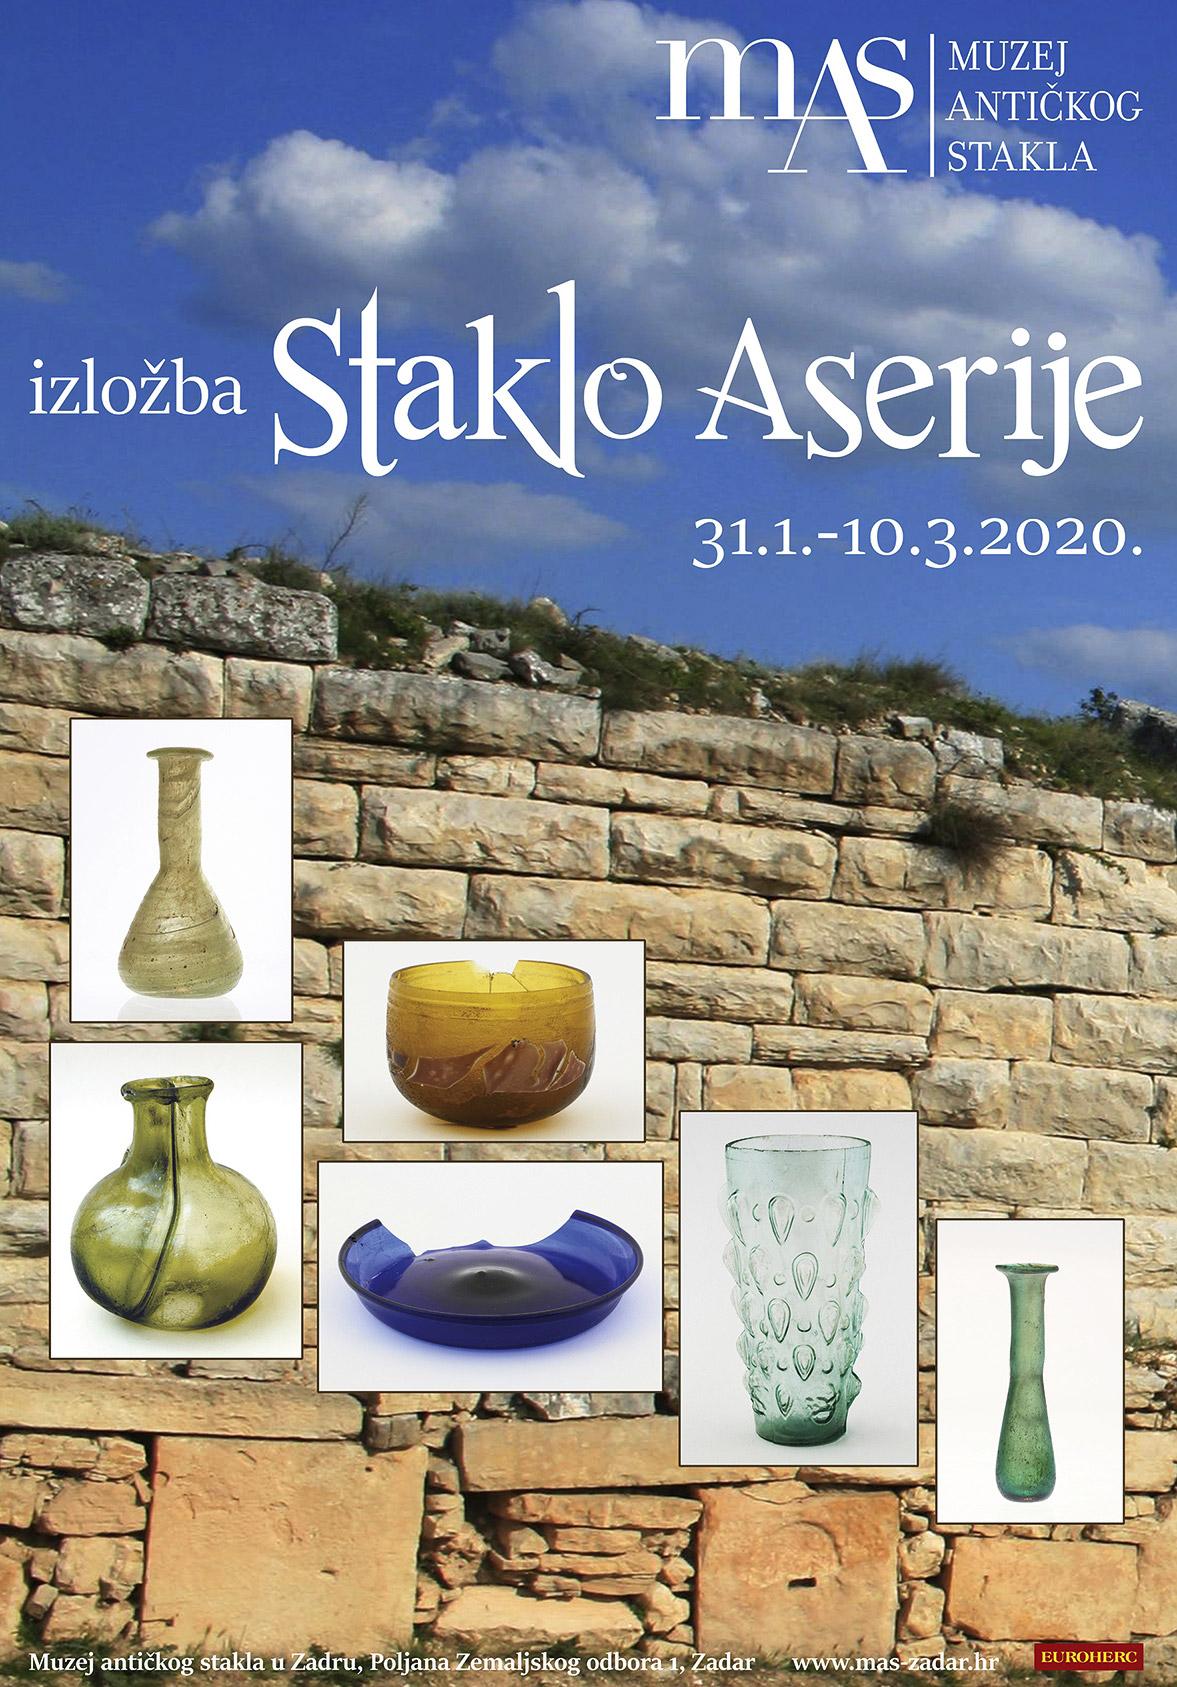 Izložba Staklo Aserije